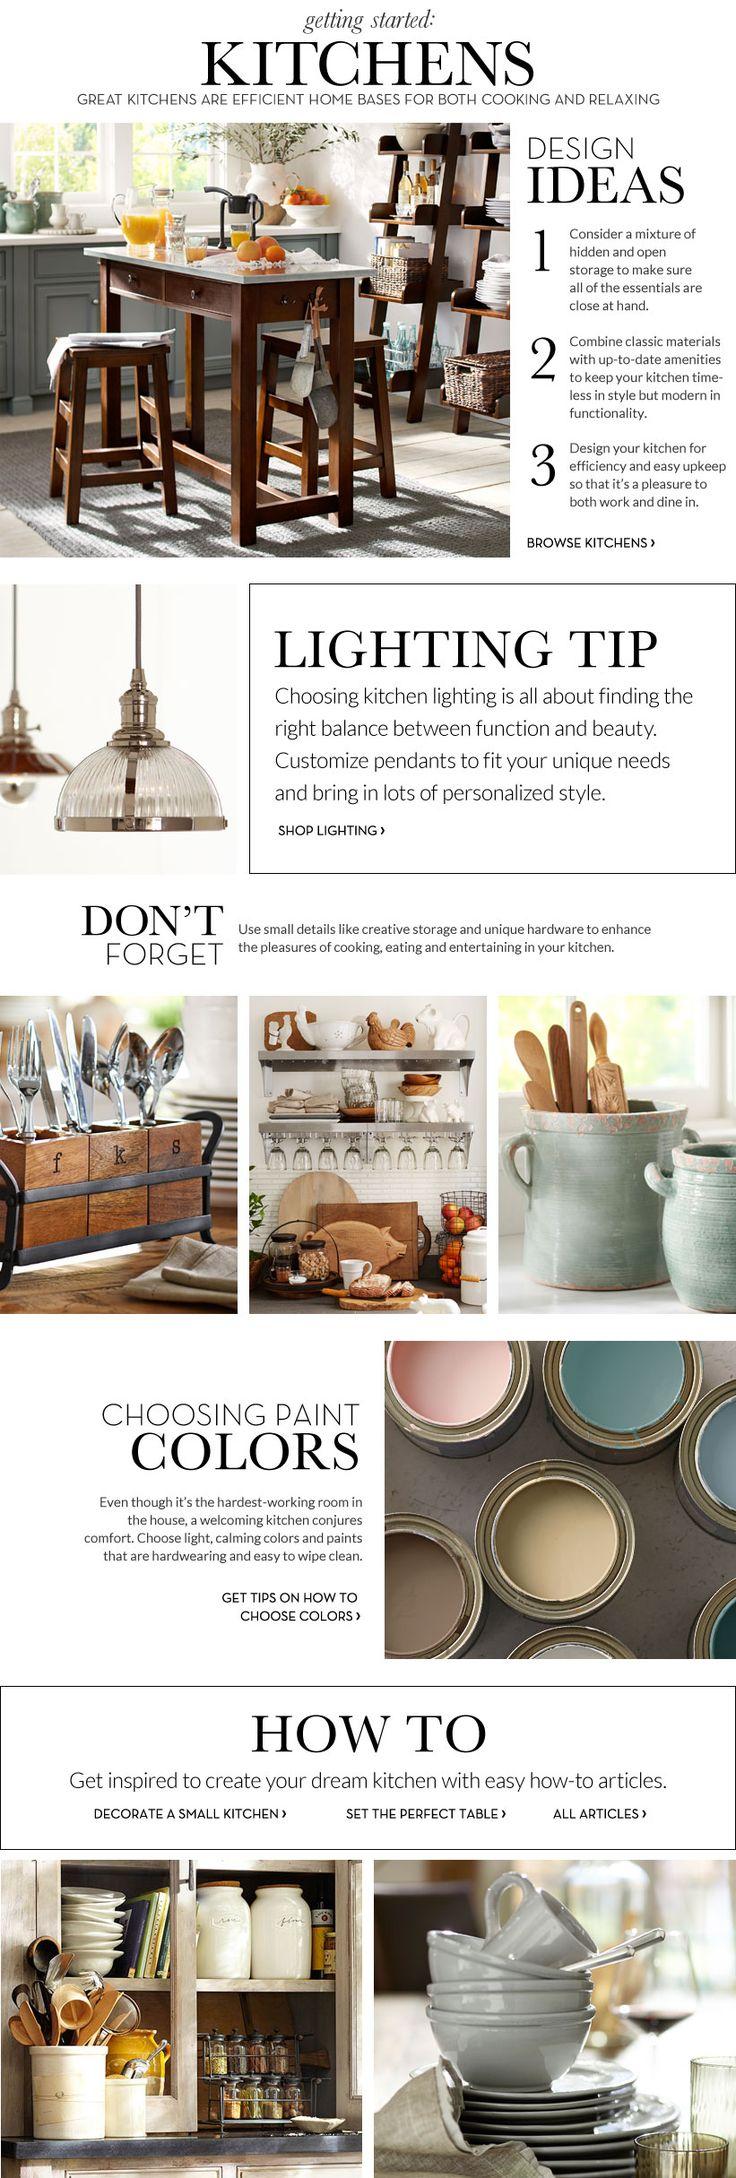 240 best kitchen images on pinterest kitchen kitchen ideas and kitchen decorating ideas kitchen design ideas pottery barn